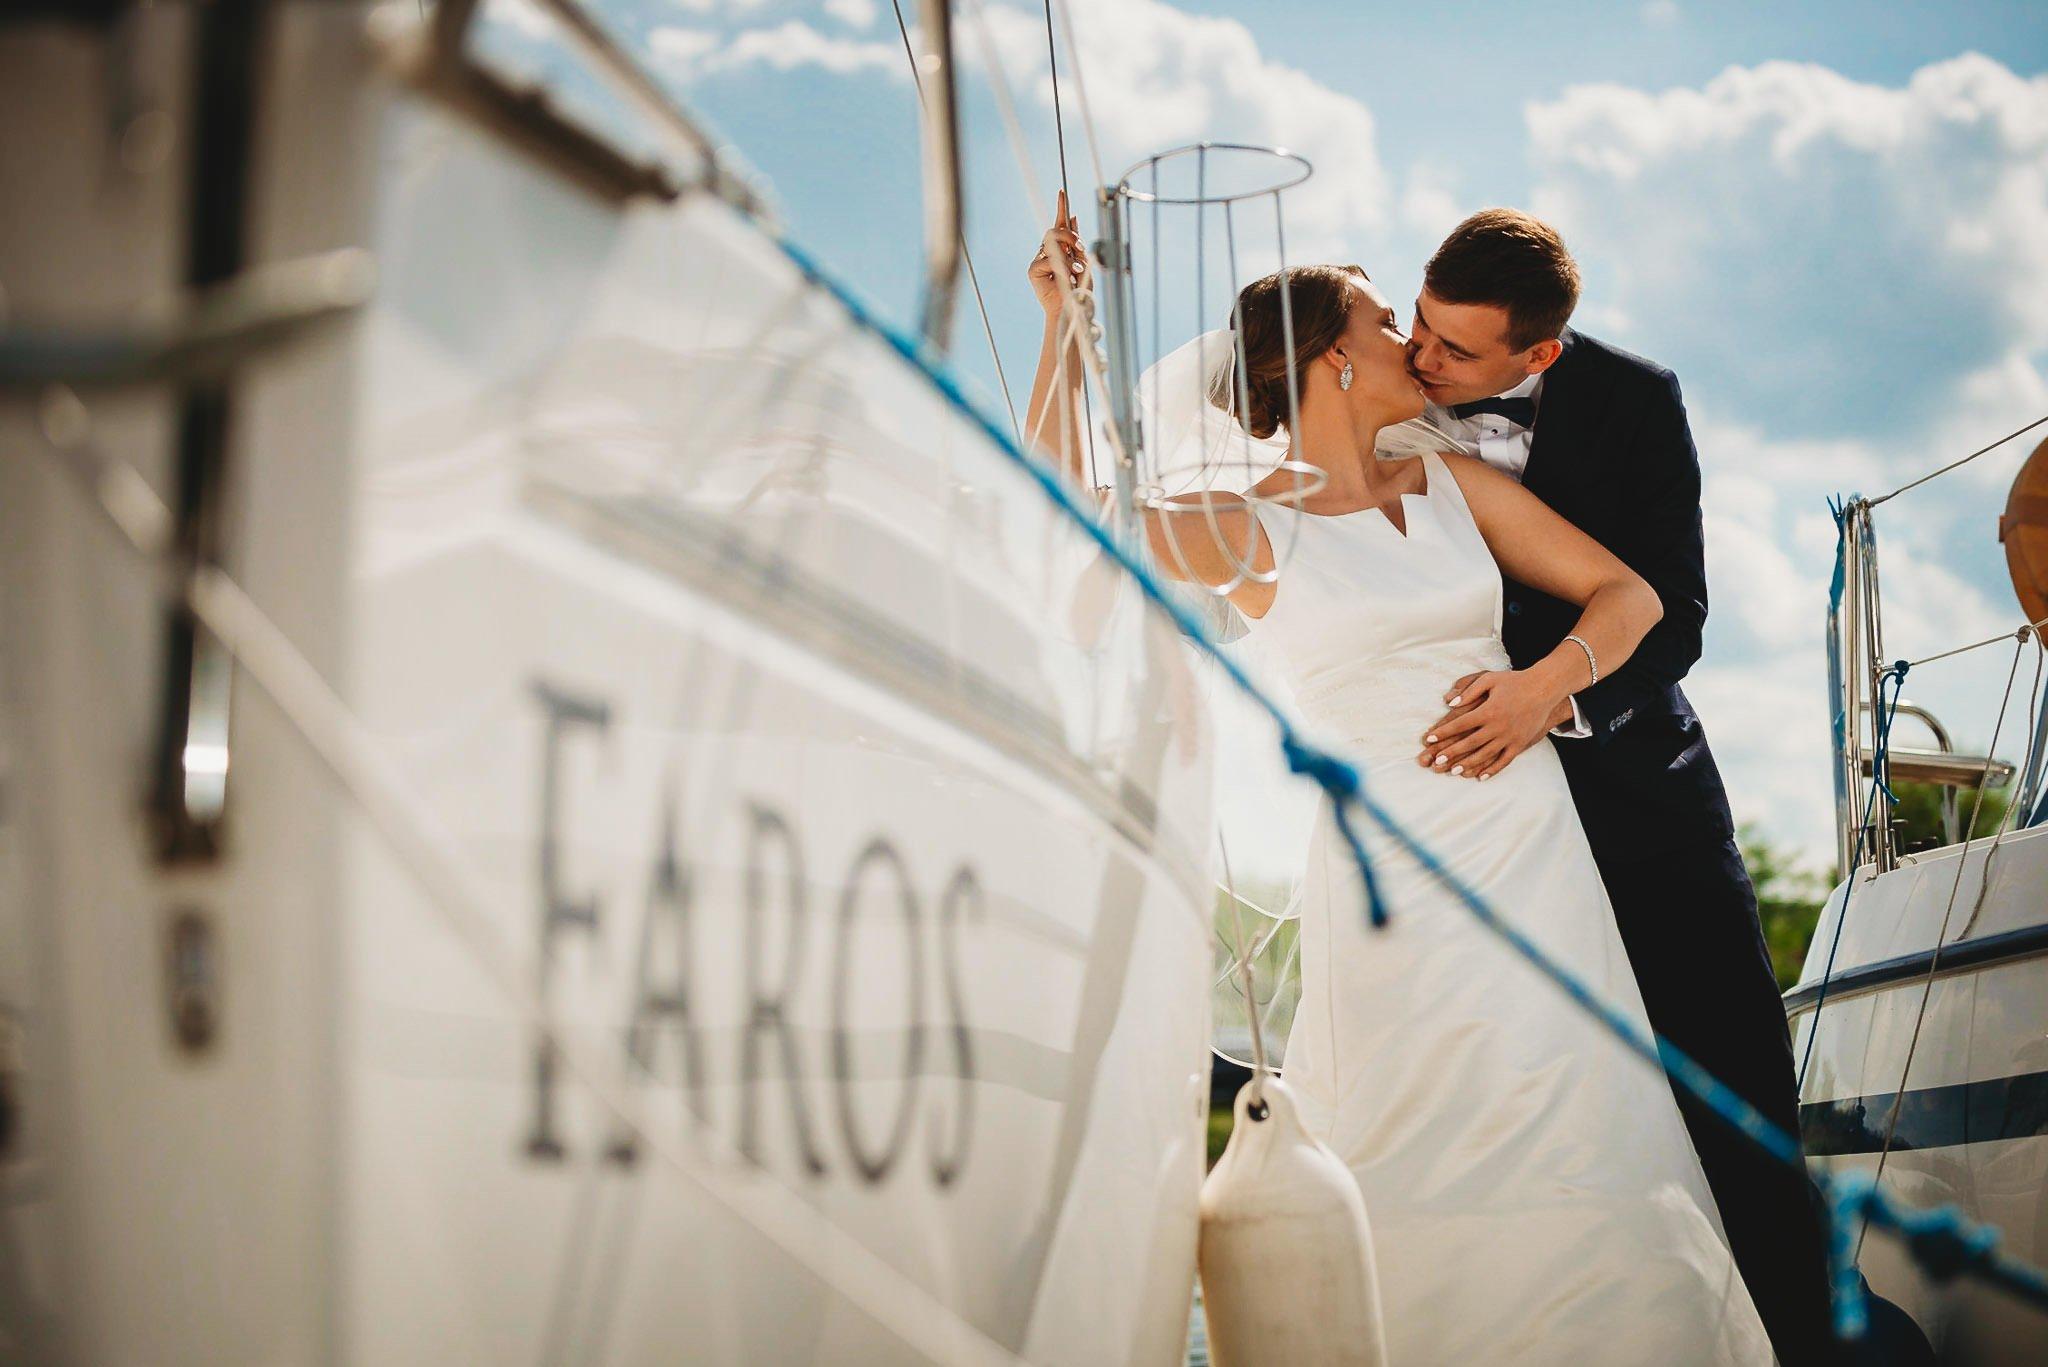 sesja ślubna, ślesin, marina, pan młody, panna młoda, piękna pogoda, pocałunek, zdjęcia slubne Koło, fotograf slubny Koło,